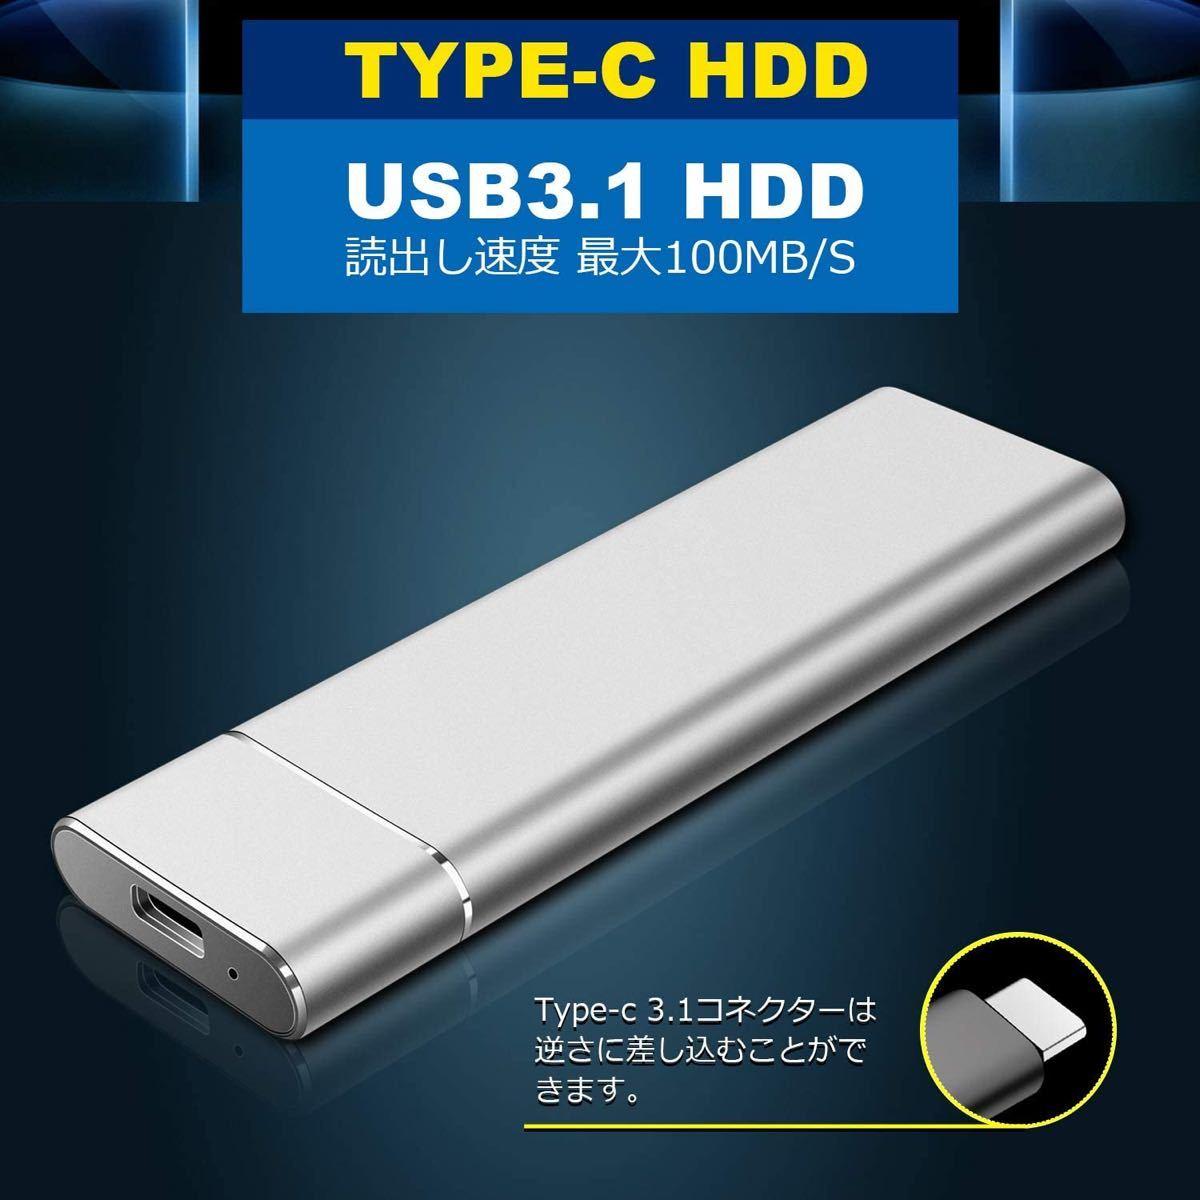 そと付けハードディスク 外付けHDD ポータブルハードディスク 1TB